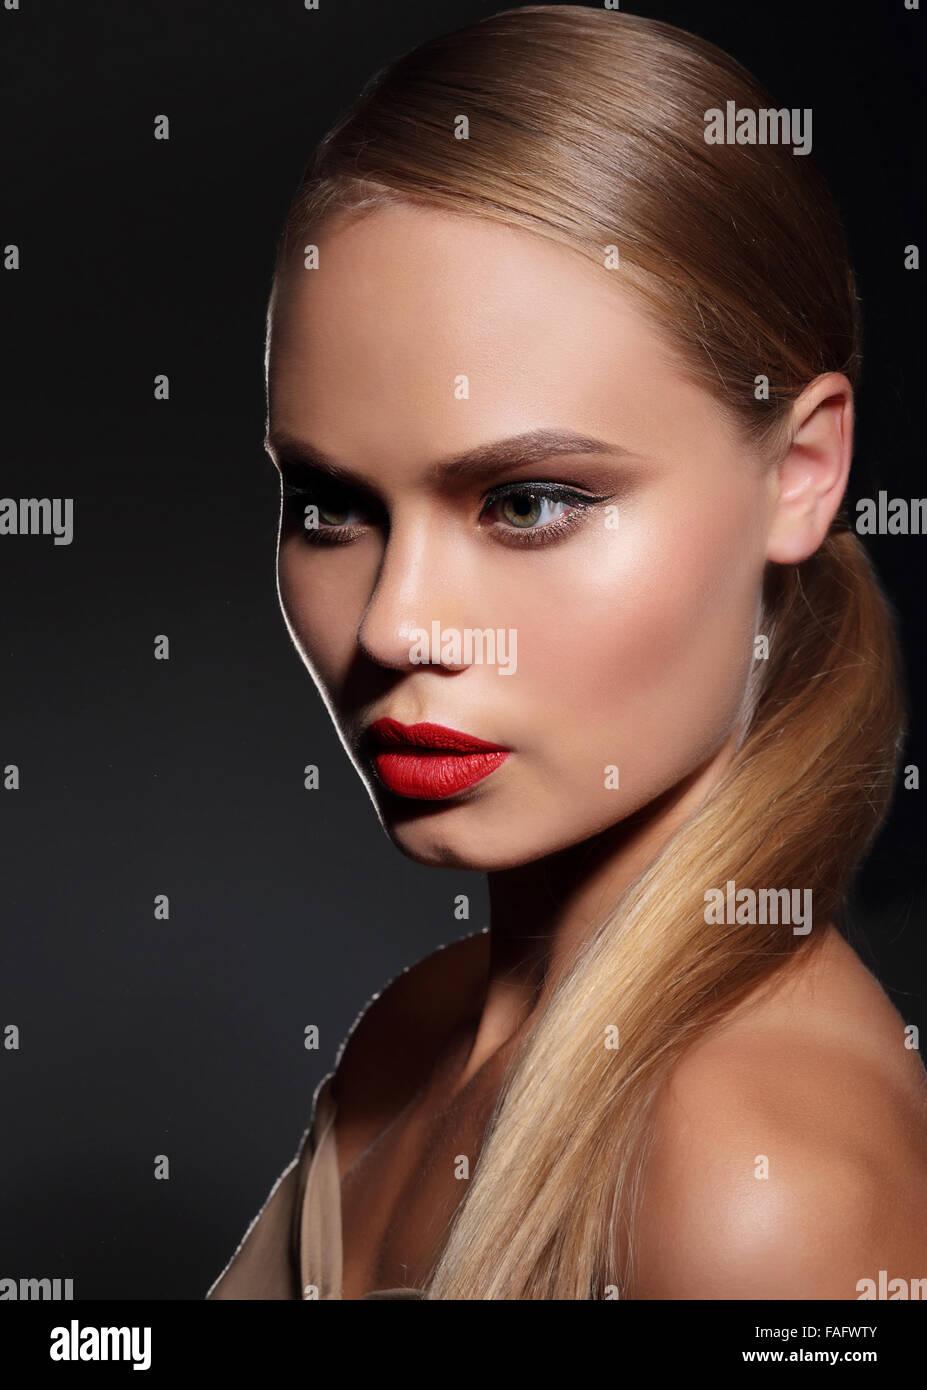 Junge Frau mit glattem Haar und und rote Lippen auf dunklem Hintergrund. Porträt. Stockbild